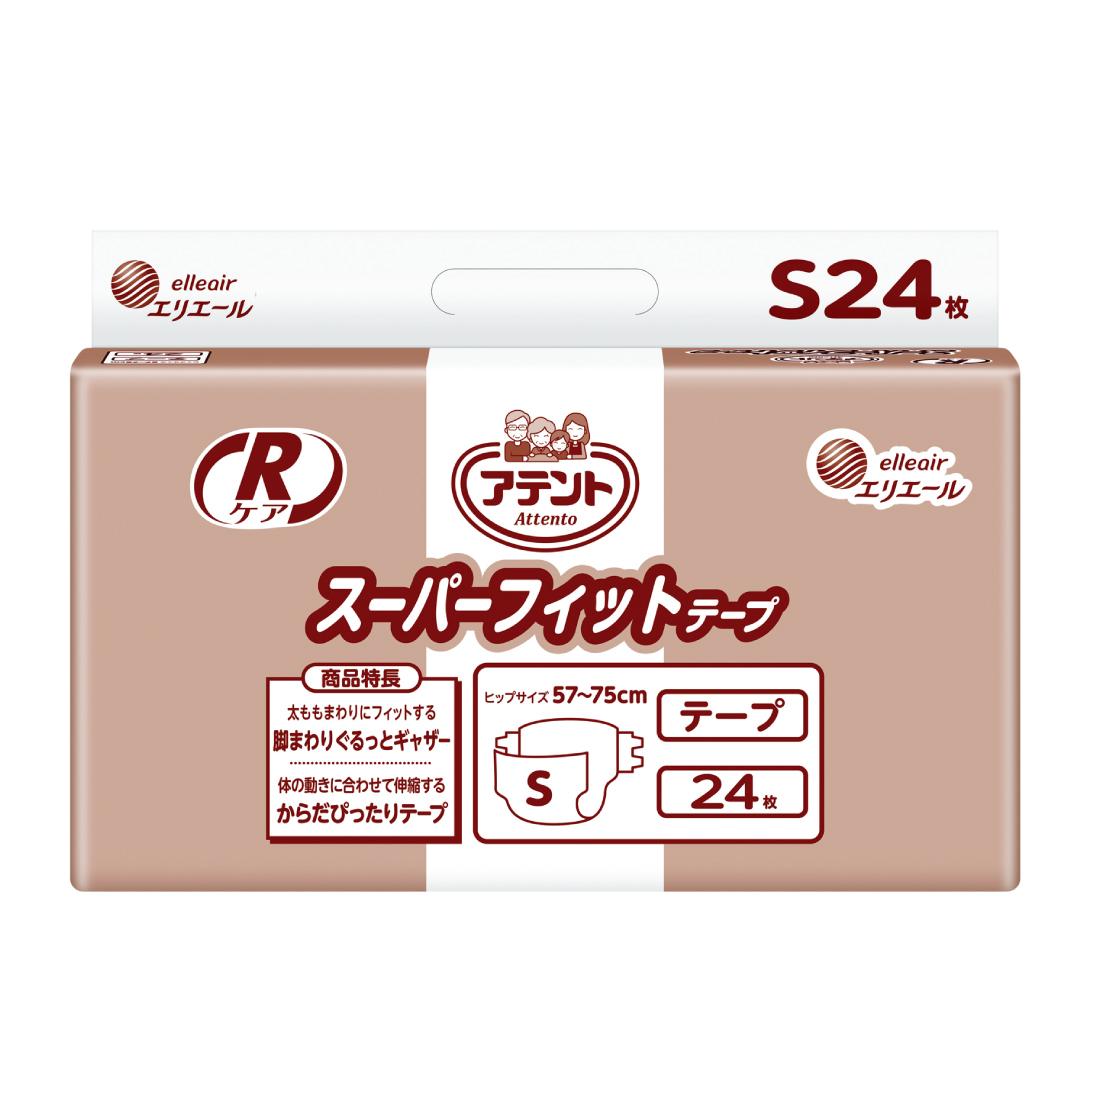 激安価格と即納で通信販売 体の動きに合わせて伸縮する からだぴったりテープ 大王製紙 本物 Rケアスーパーフィットテープ S 24枚 4回分 大人用おむつ ×3袋 Sサイズ 尿とりパッド